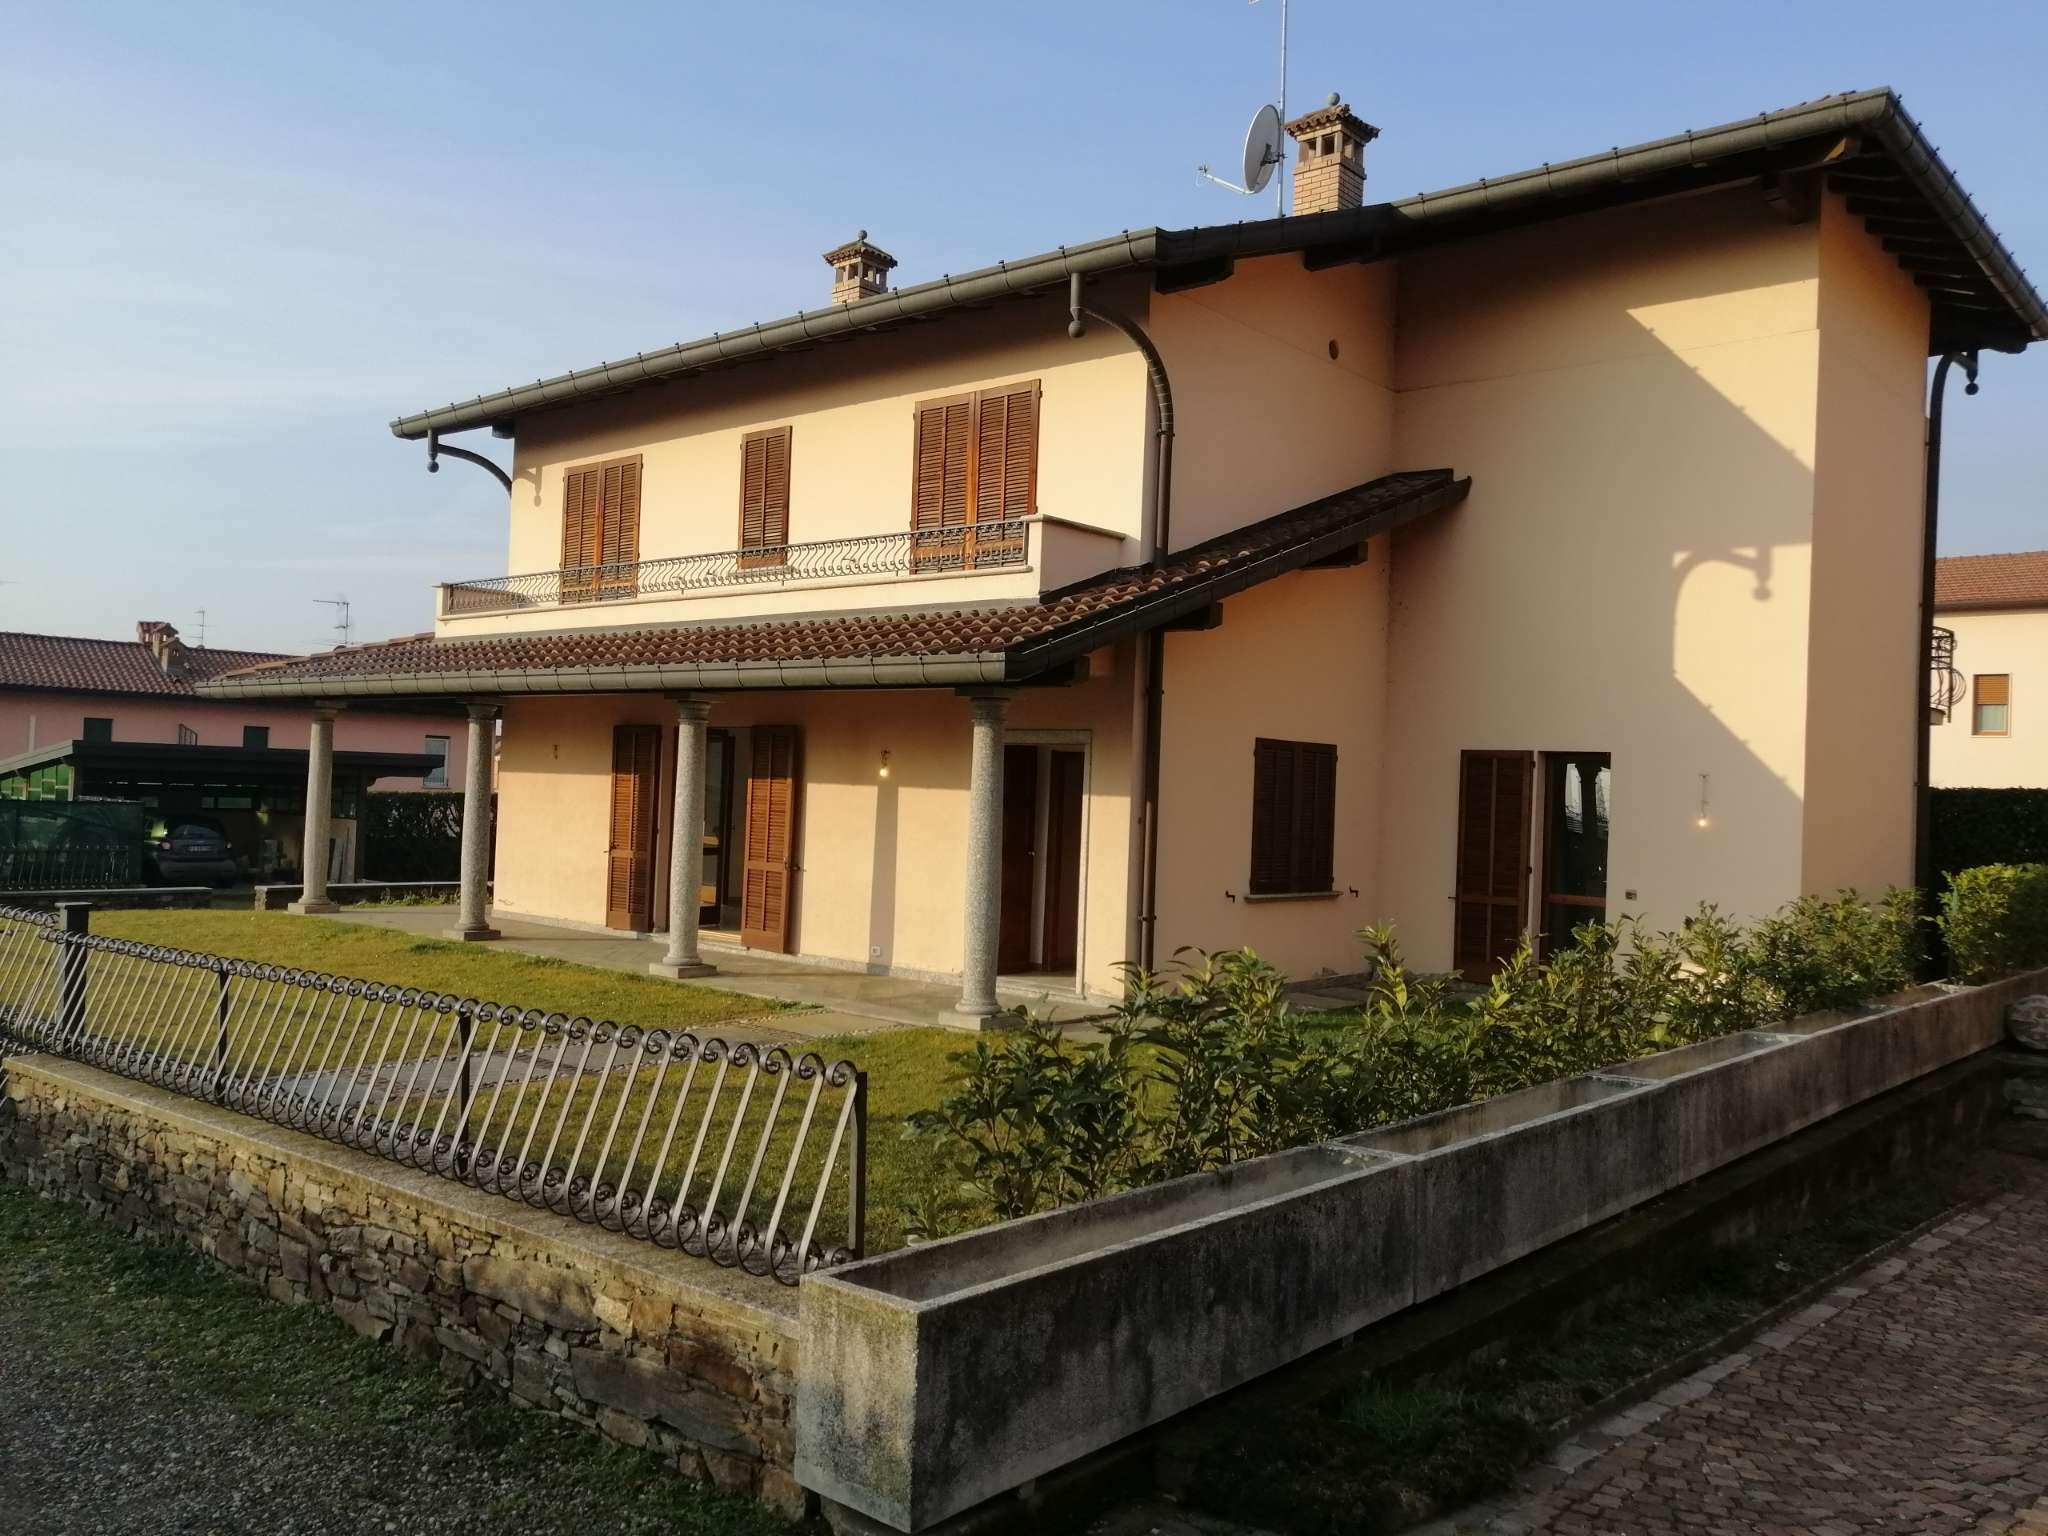 Villa in vendita a Erba, 10 locali, prezzo € 395.000 | PortaleAgenzieImmobiliari.it